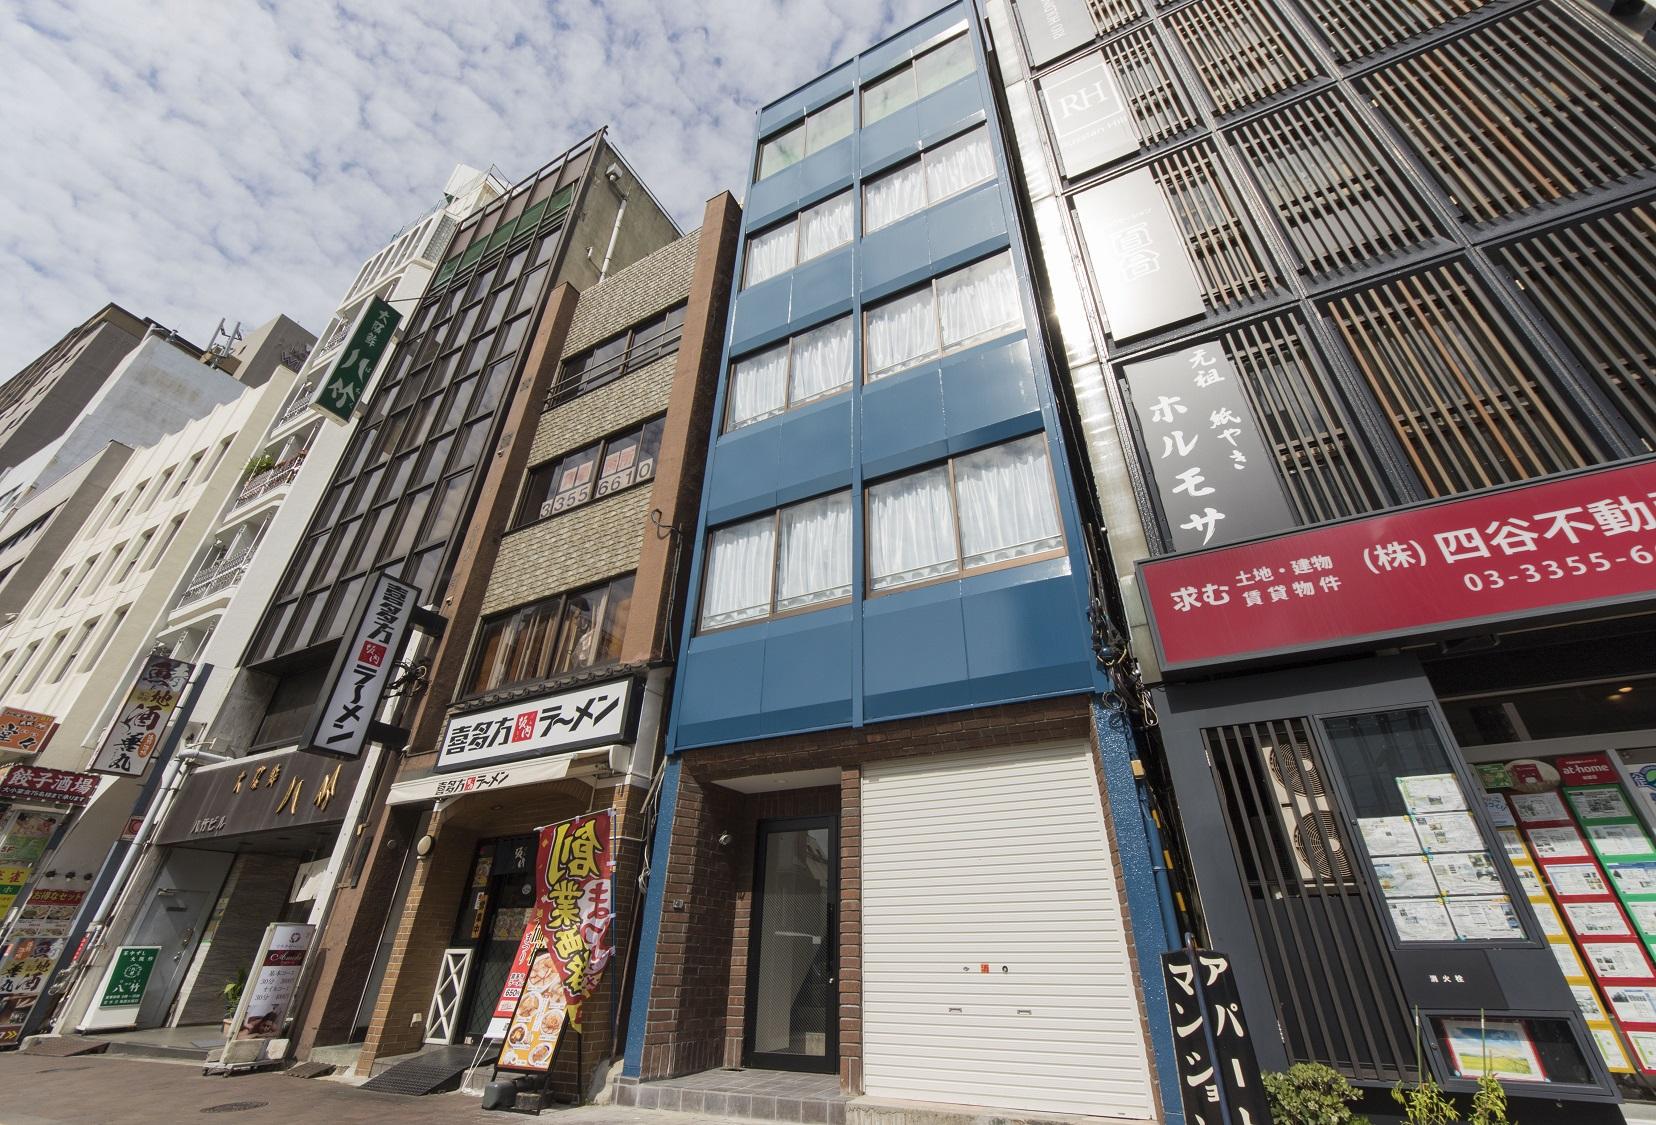 四谷三丁目ビル3(ブルーバード4F)